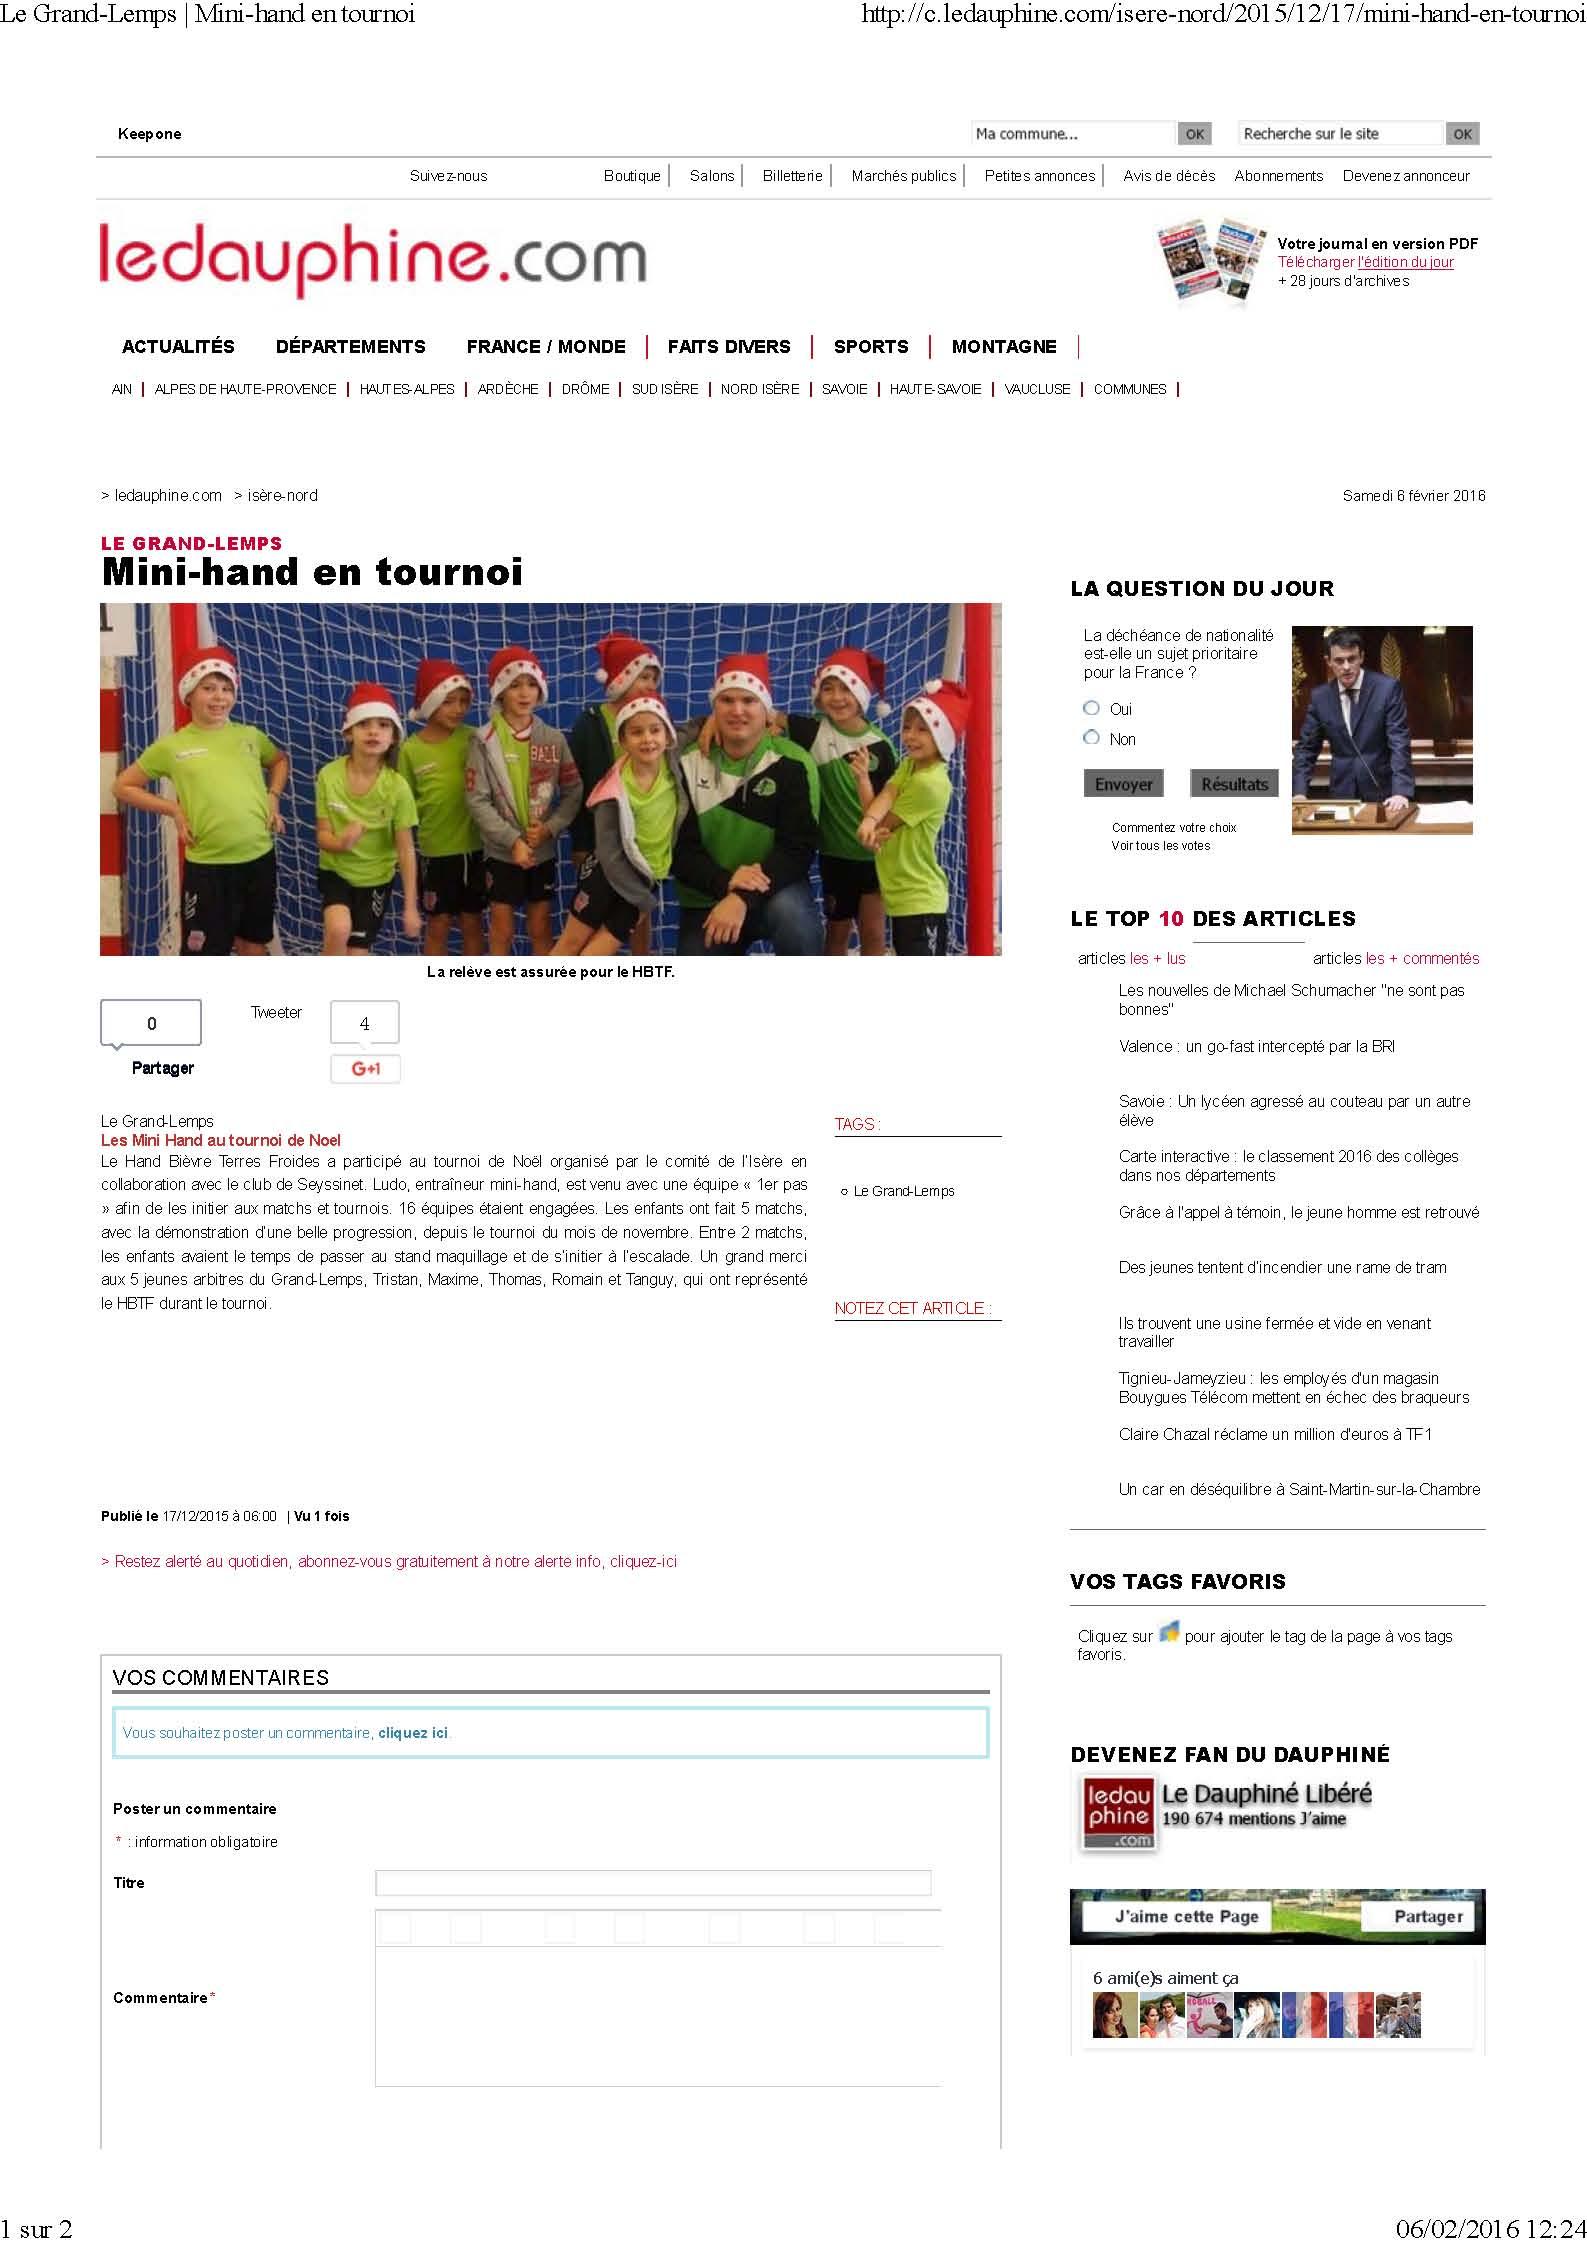 Les mini-hand au tournoi de noël (article du Dauphiné Libéré) - Hand Bievre Terres Froides - Club de Handball en Isère